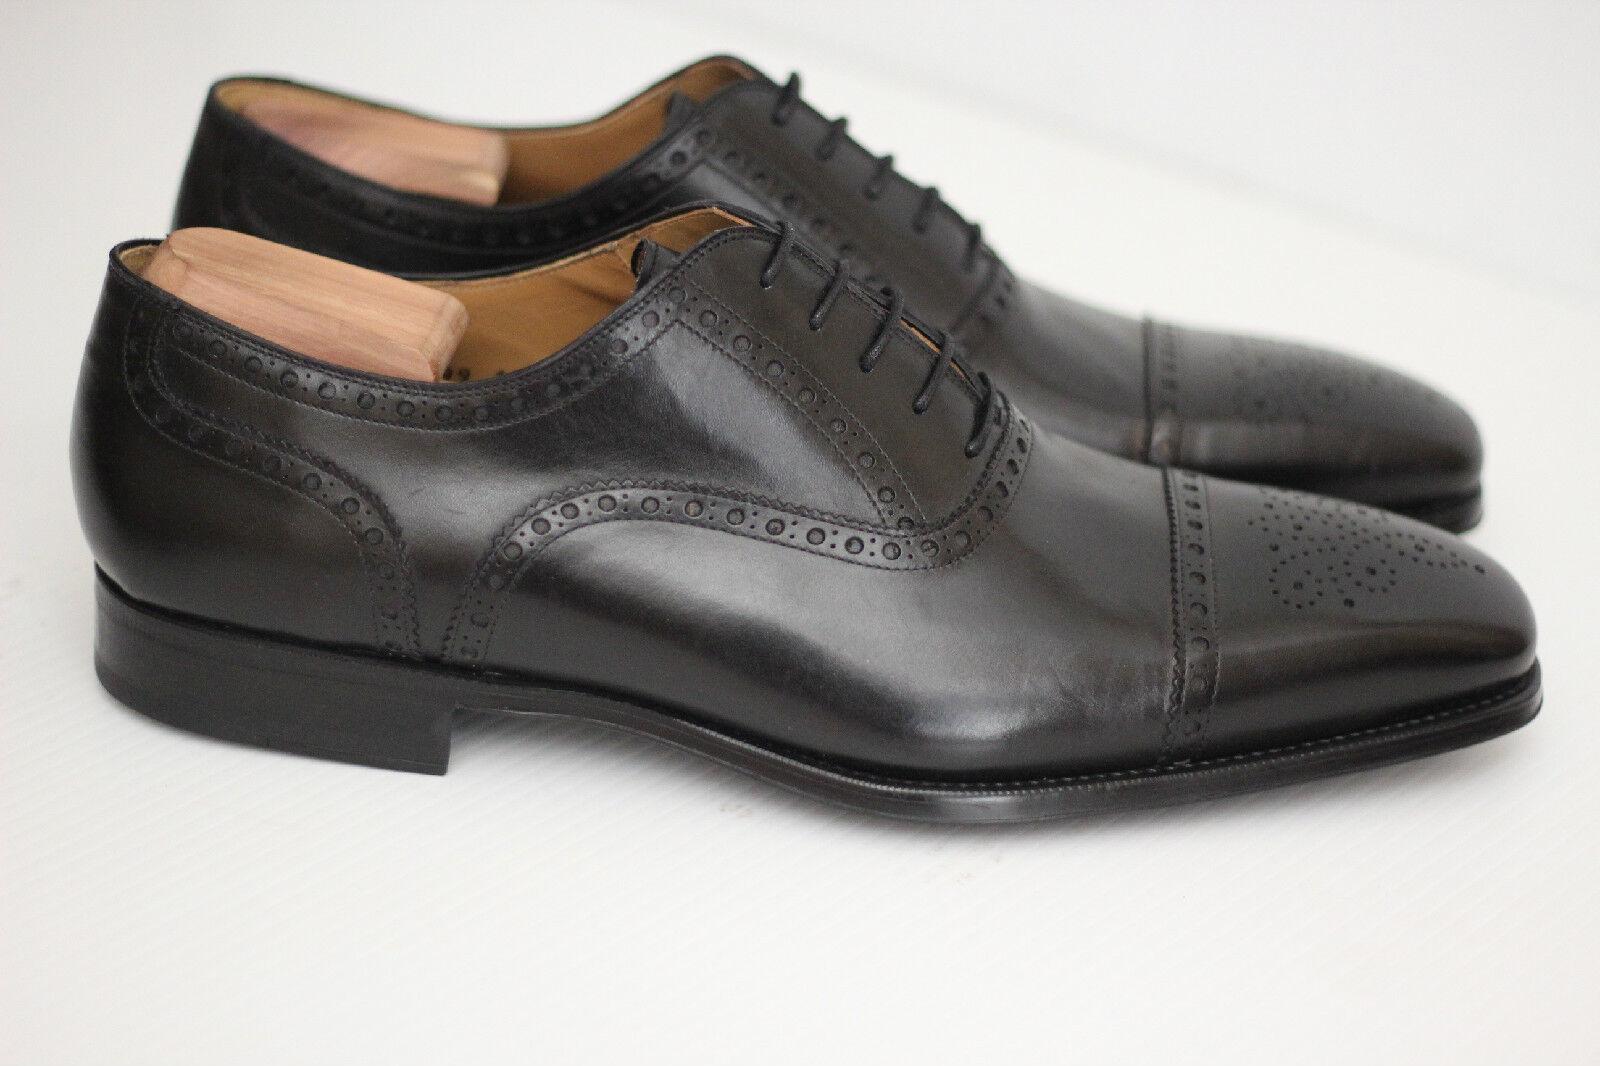 la migliore offerta del negozio online NEW Magnanni Cieza Semi Brogue Oxford - nero nero nero Leather - 15 M - 18399 (X44)  vendita online